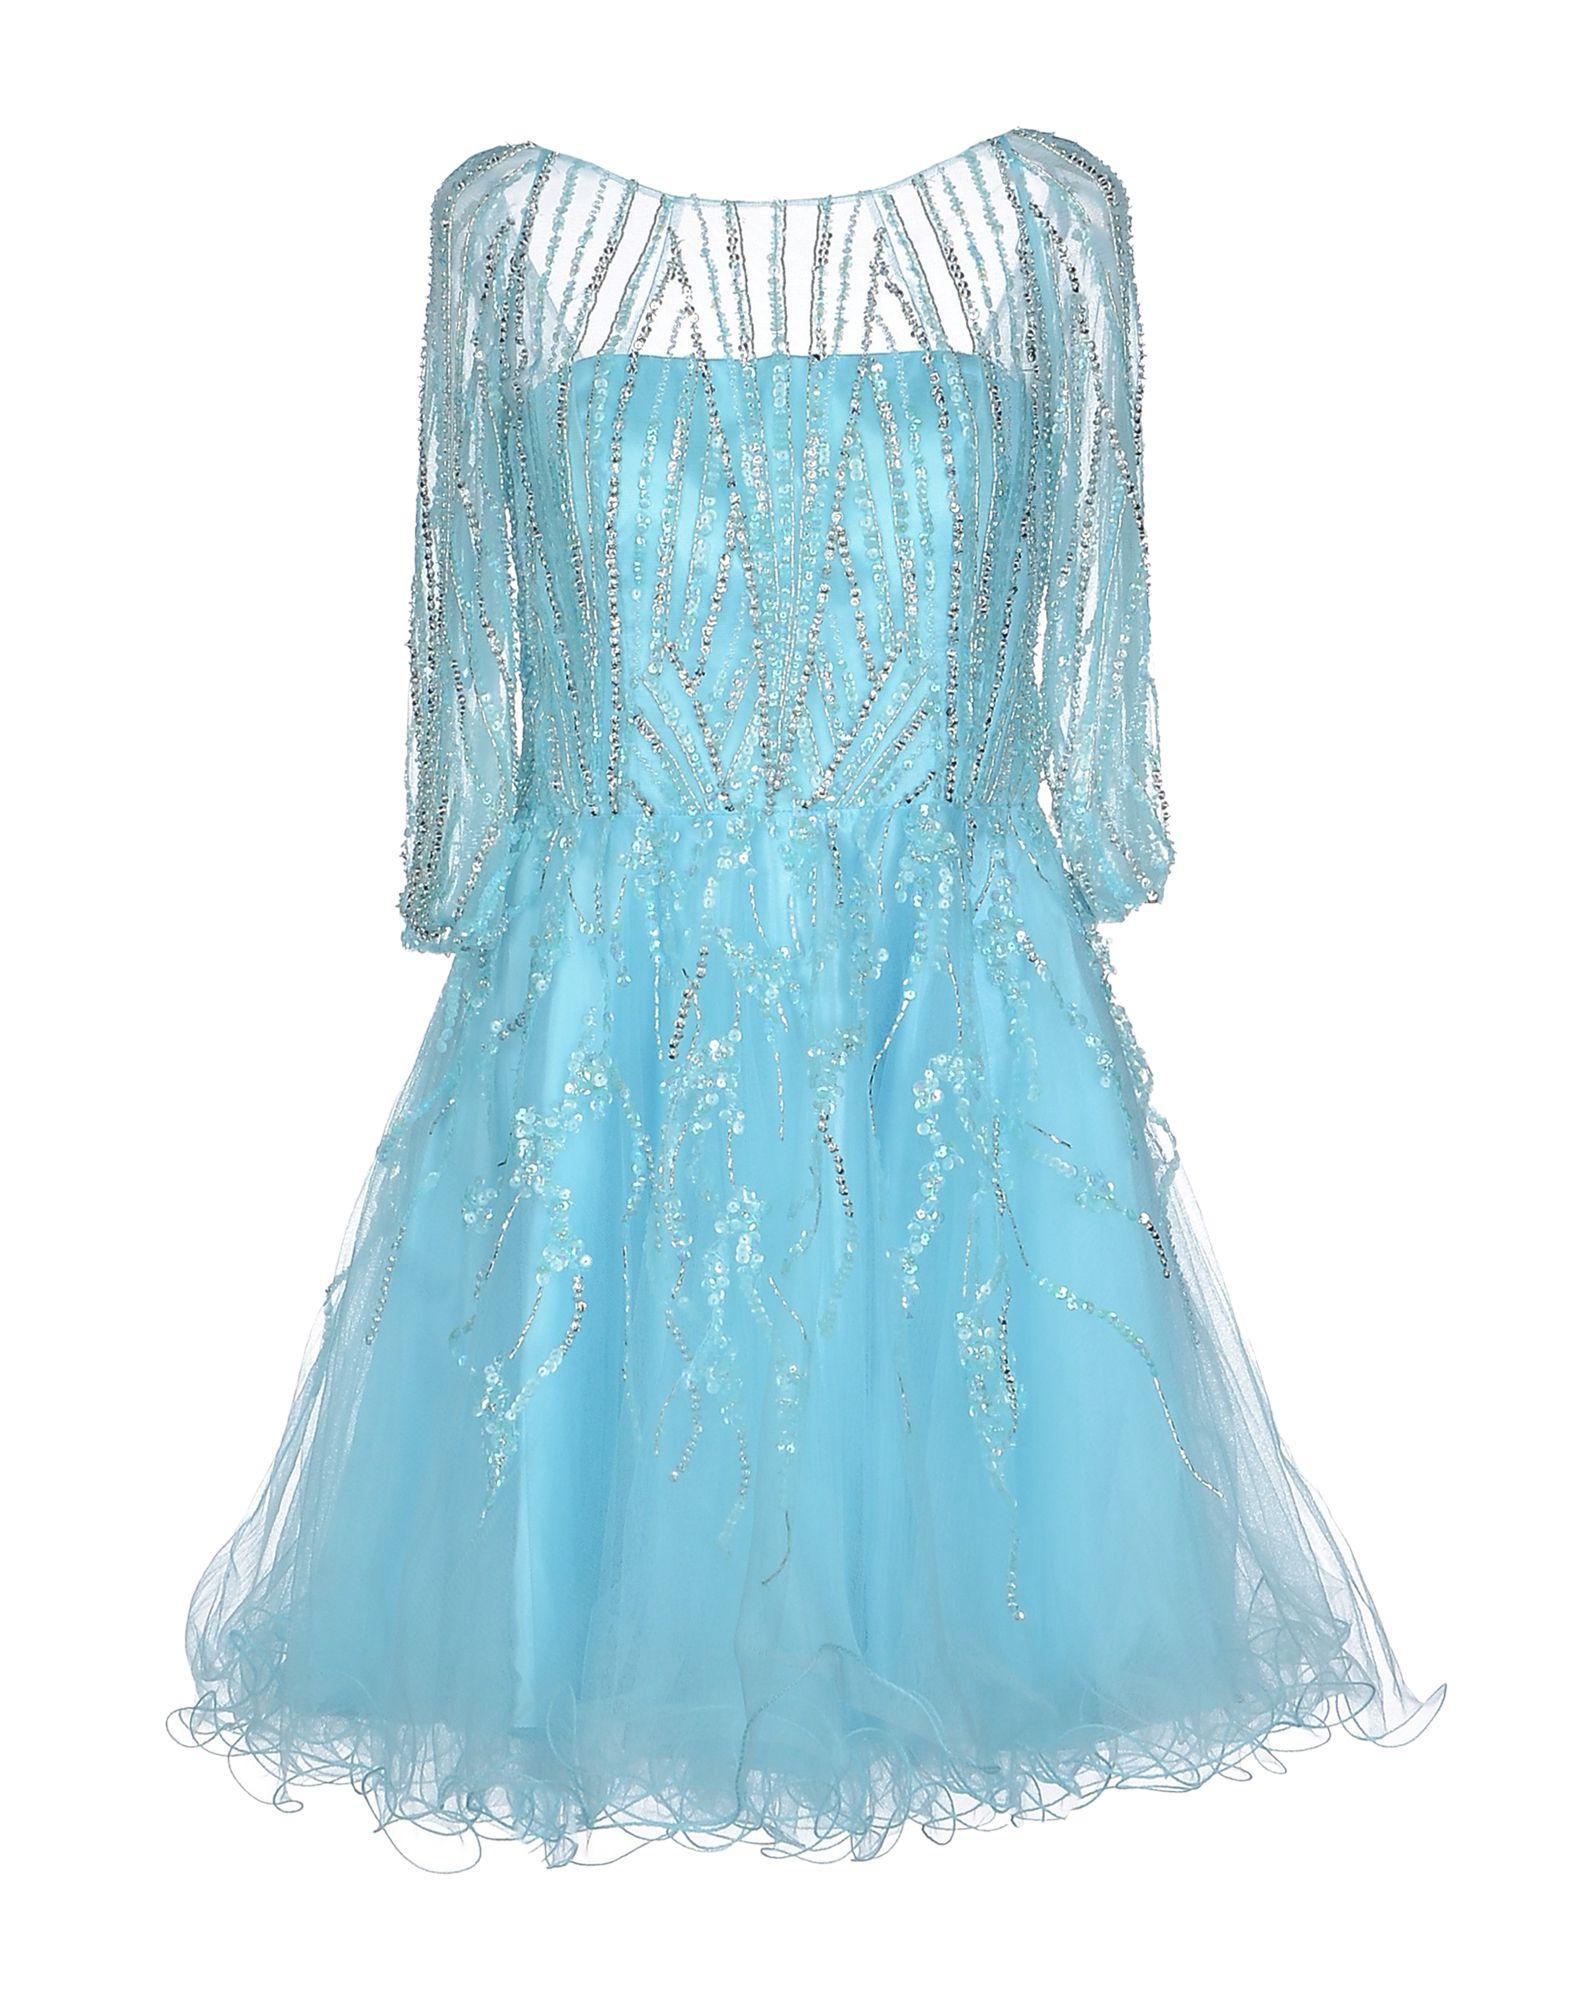 Amazing Unique Party Dresses Pictures Inspiration - Wedding Ideas ...